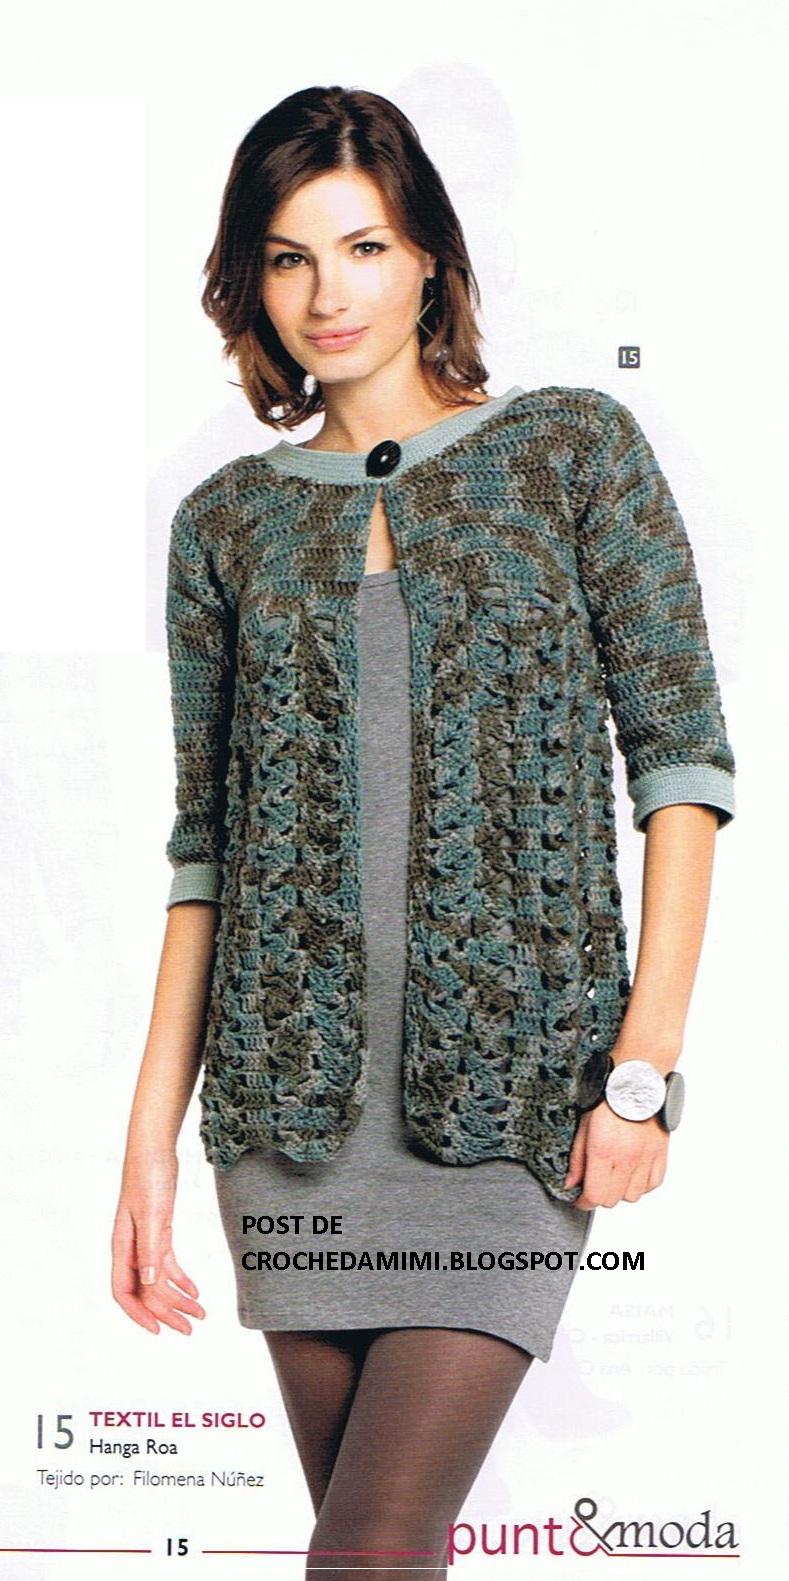 http://1.bp.blogspot.com/-gyCbrHknG-c/Tfdb45pBqPI/AAAAAAAAALM/5Vs_gBDvTLU/s1600/Casaquinho+croche+verde+mescla.jpg